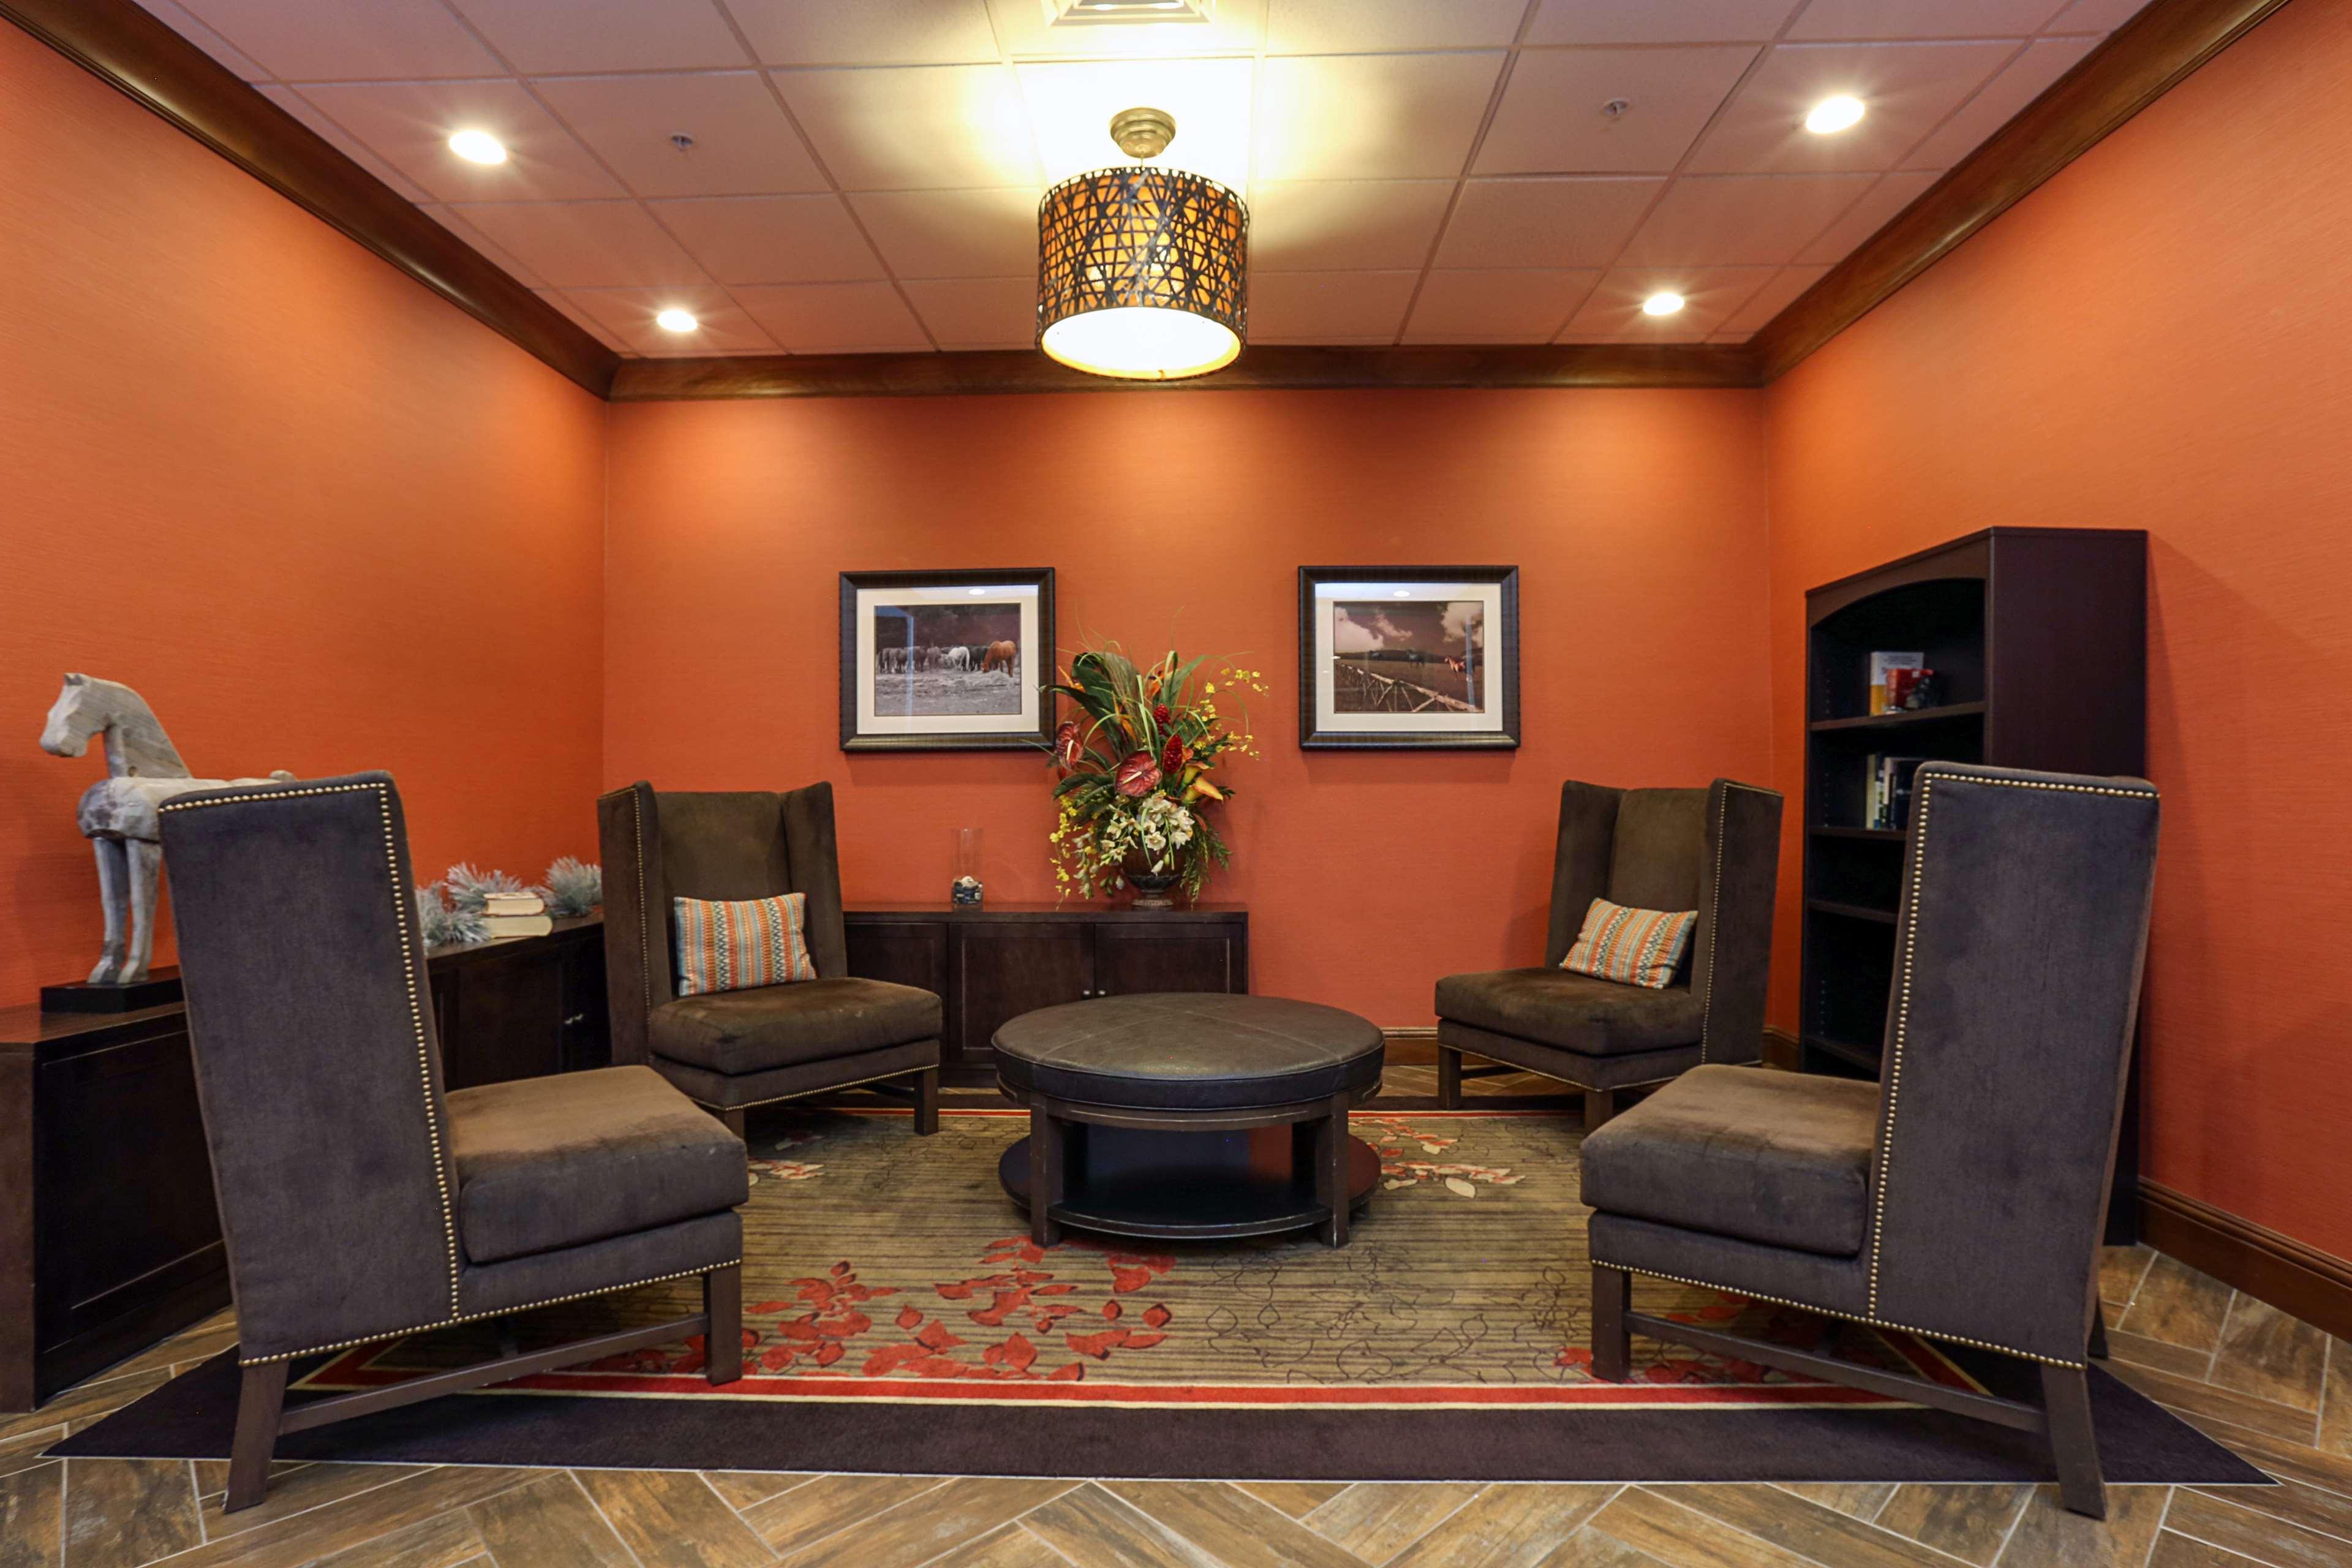 Hilton Garden Inn Clifton Park image 20